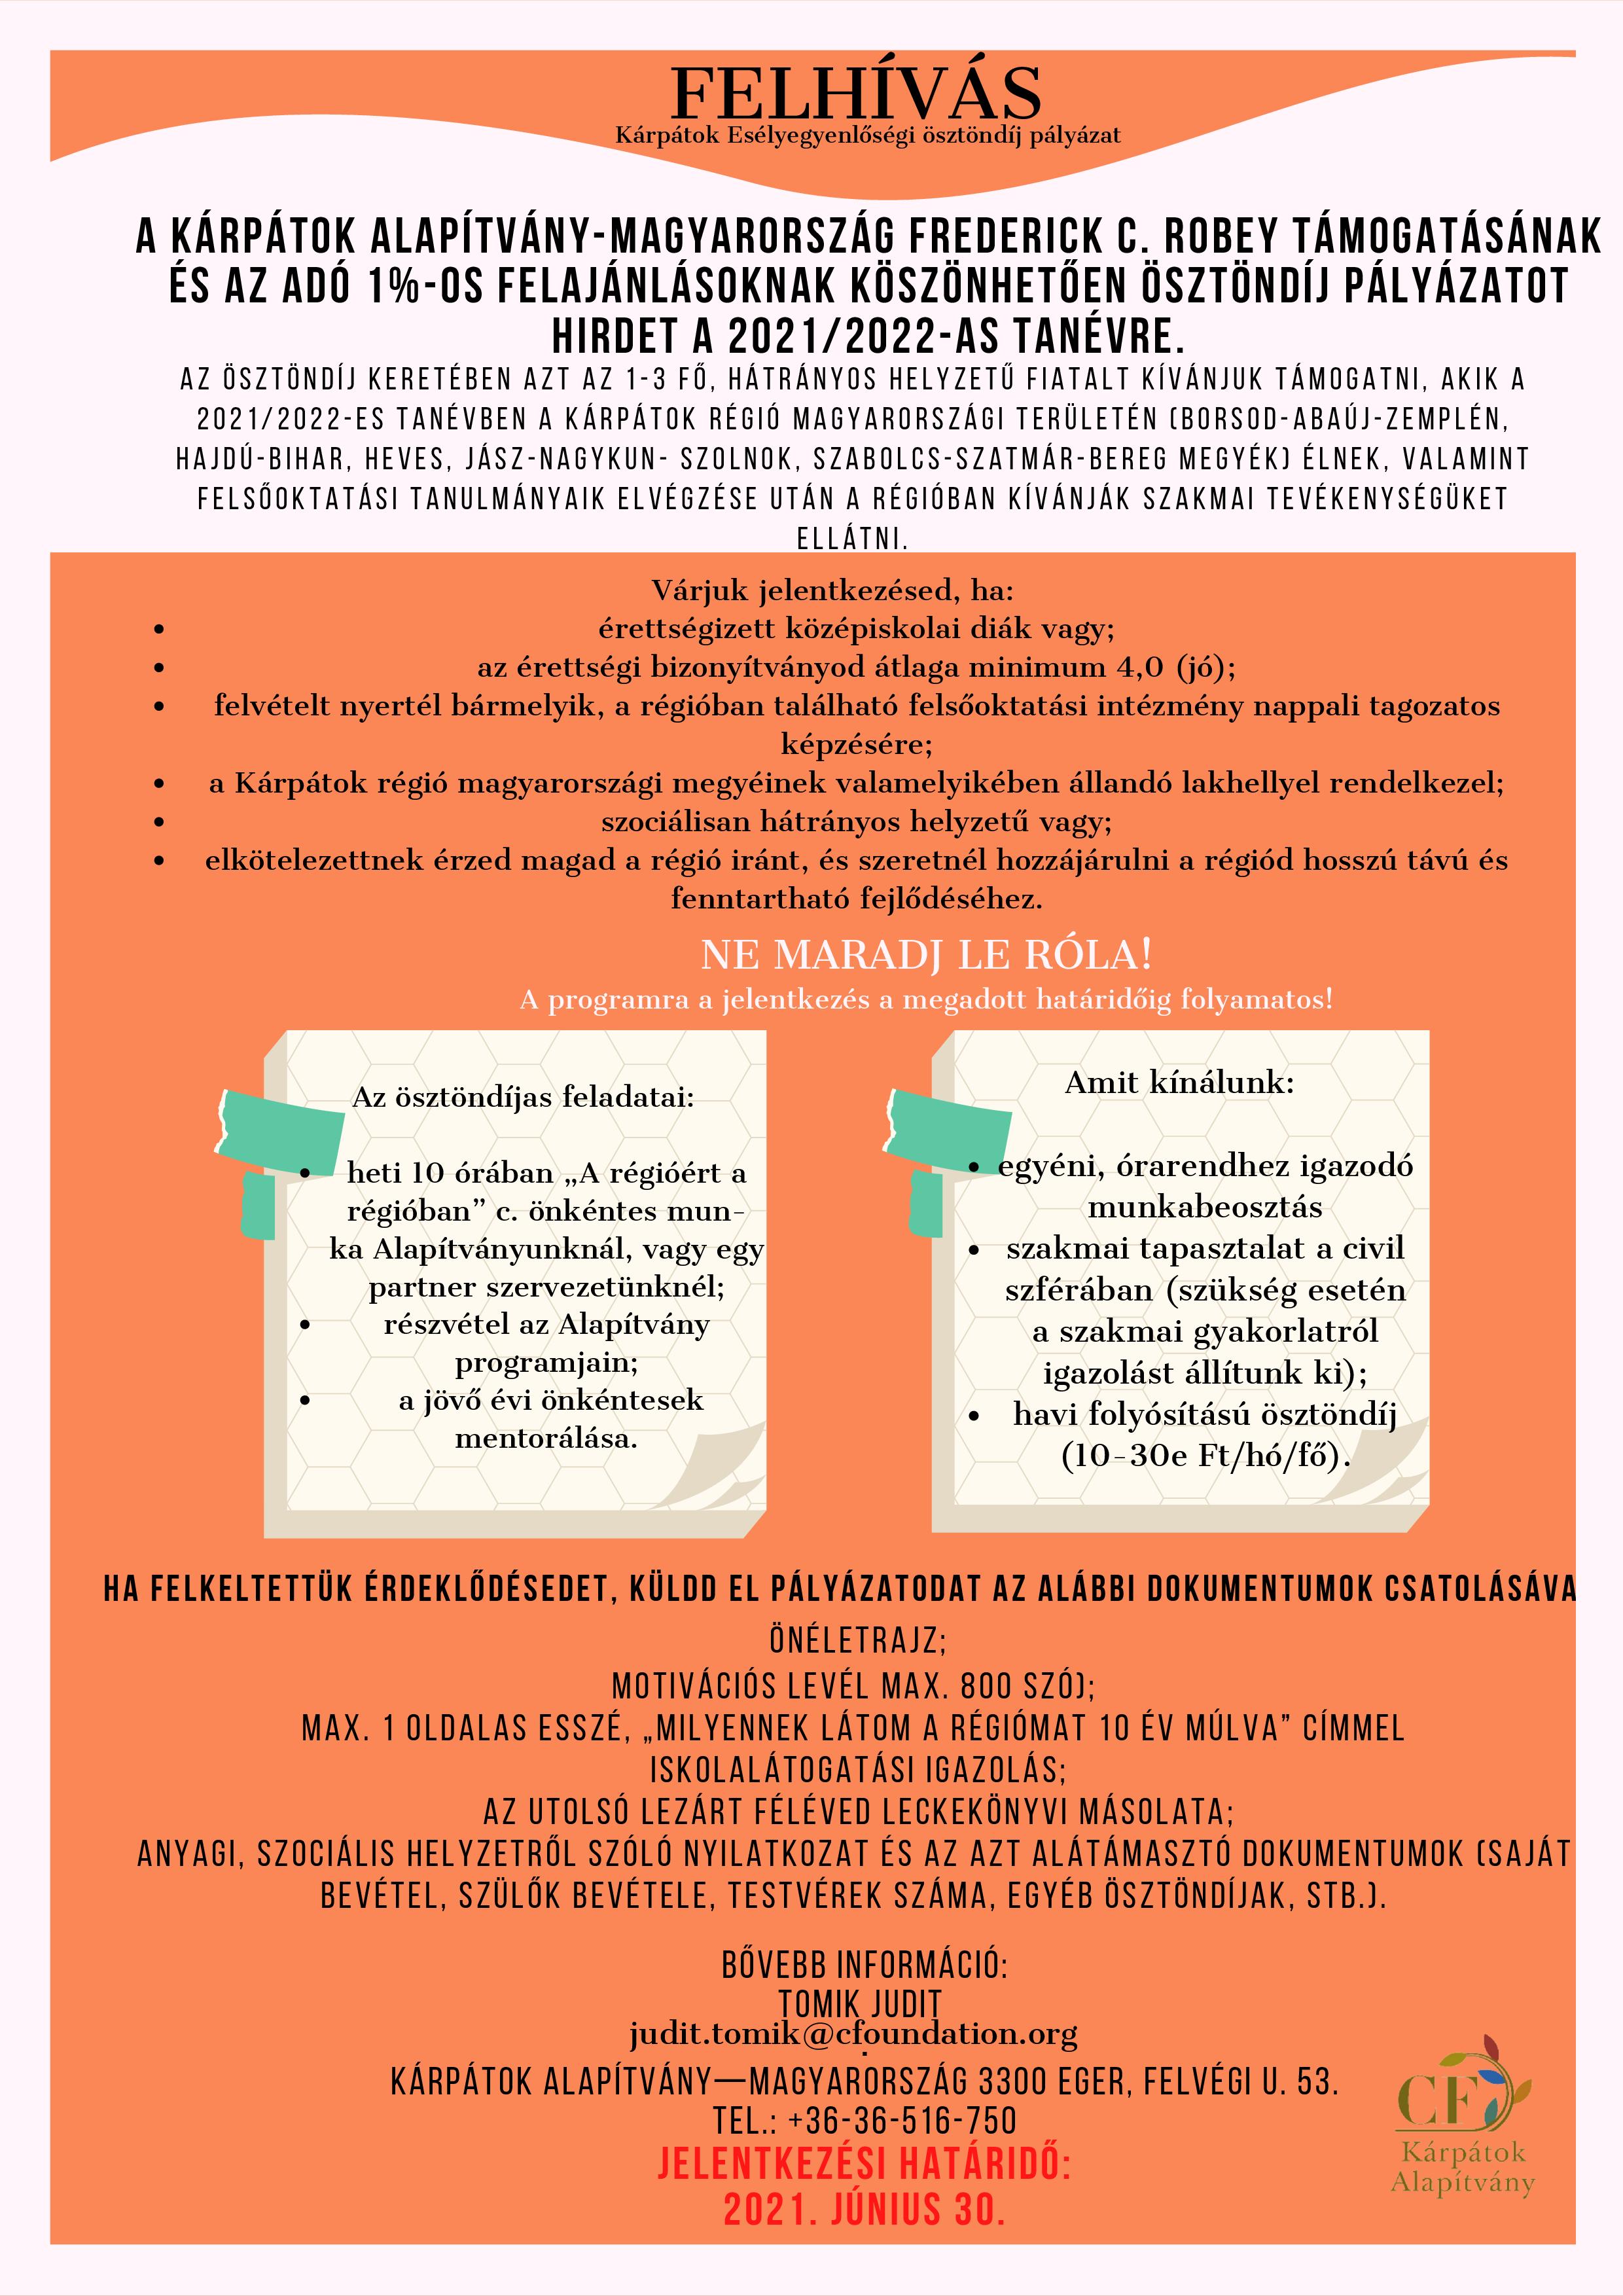 Kárpátok Esélyegyenlőségi Ösztöndíj Program